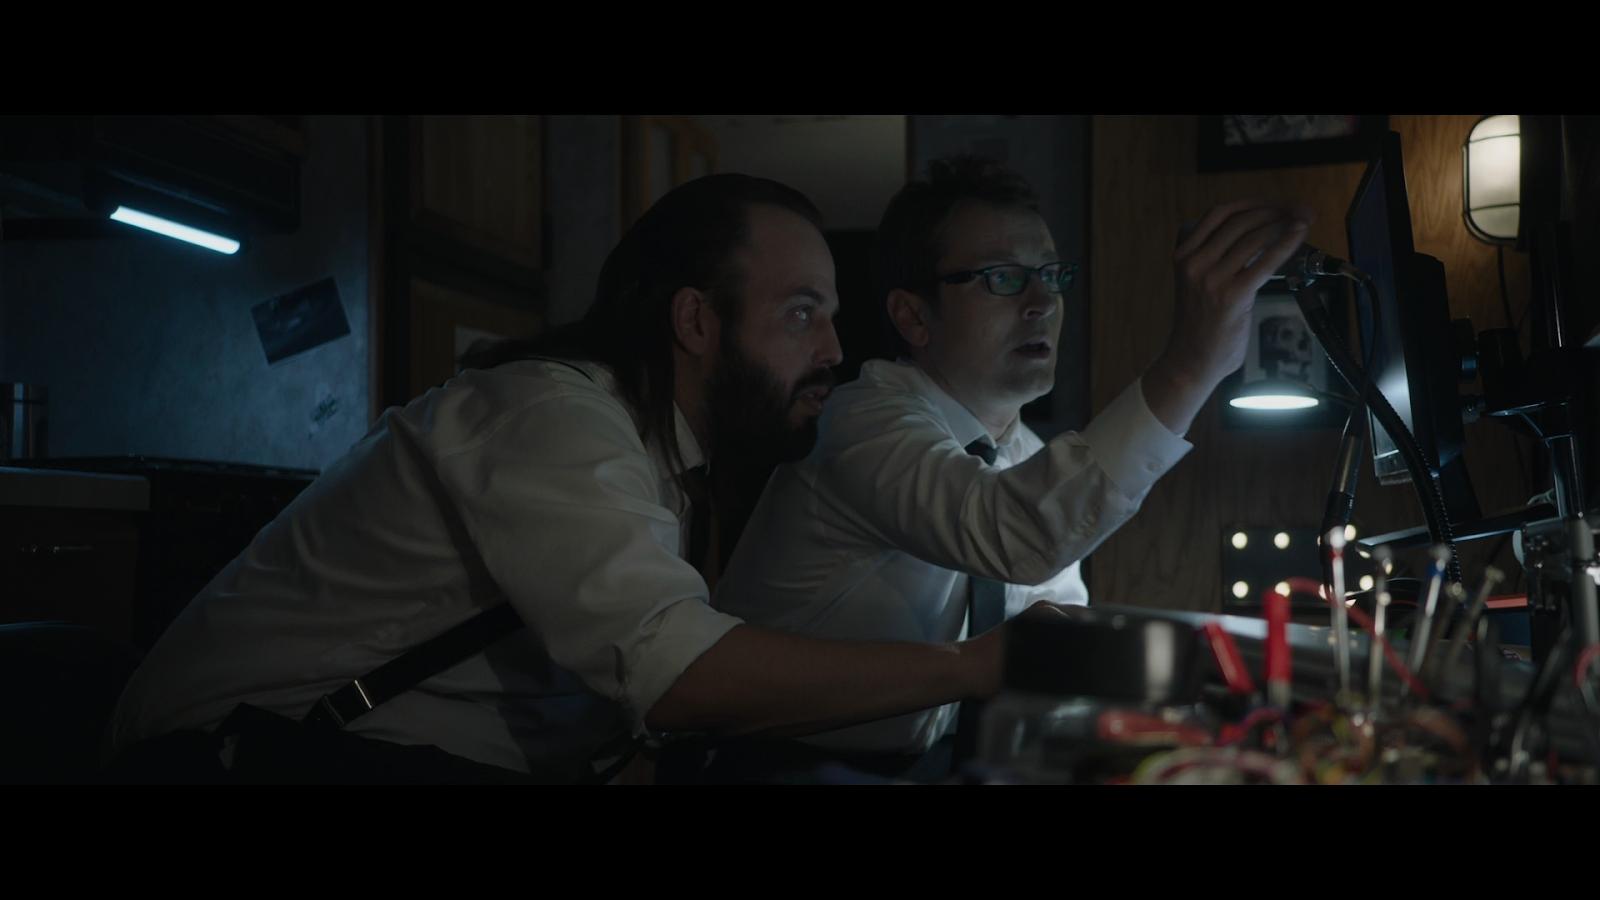 La Noche del Demonio: La última llave (2018) BRRip 1080p Latino-Ingles captura 2